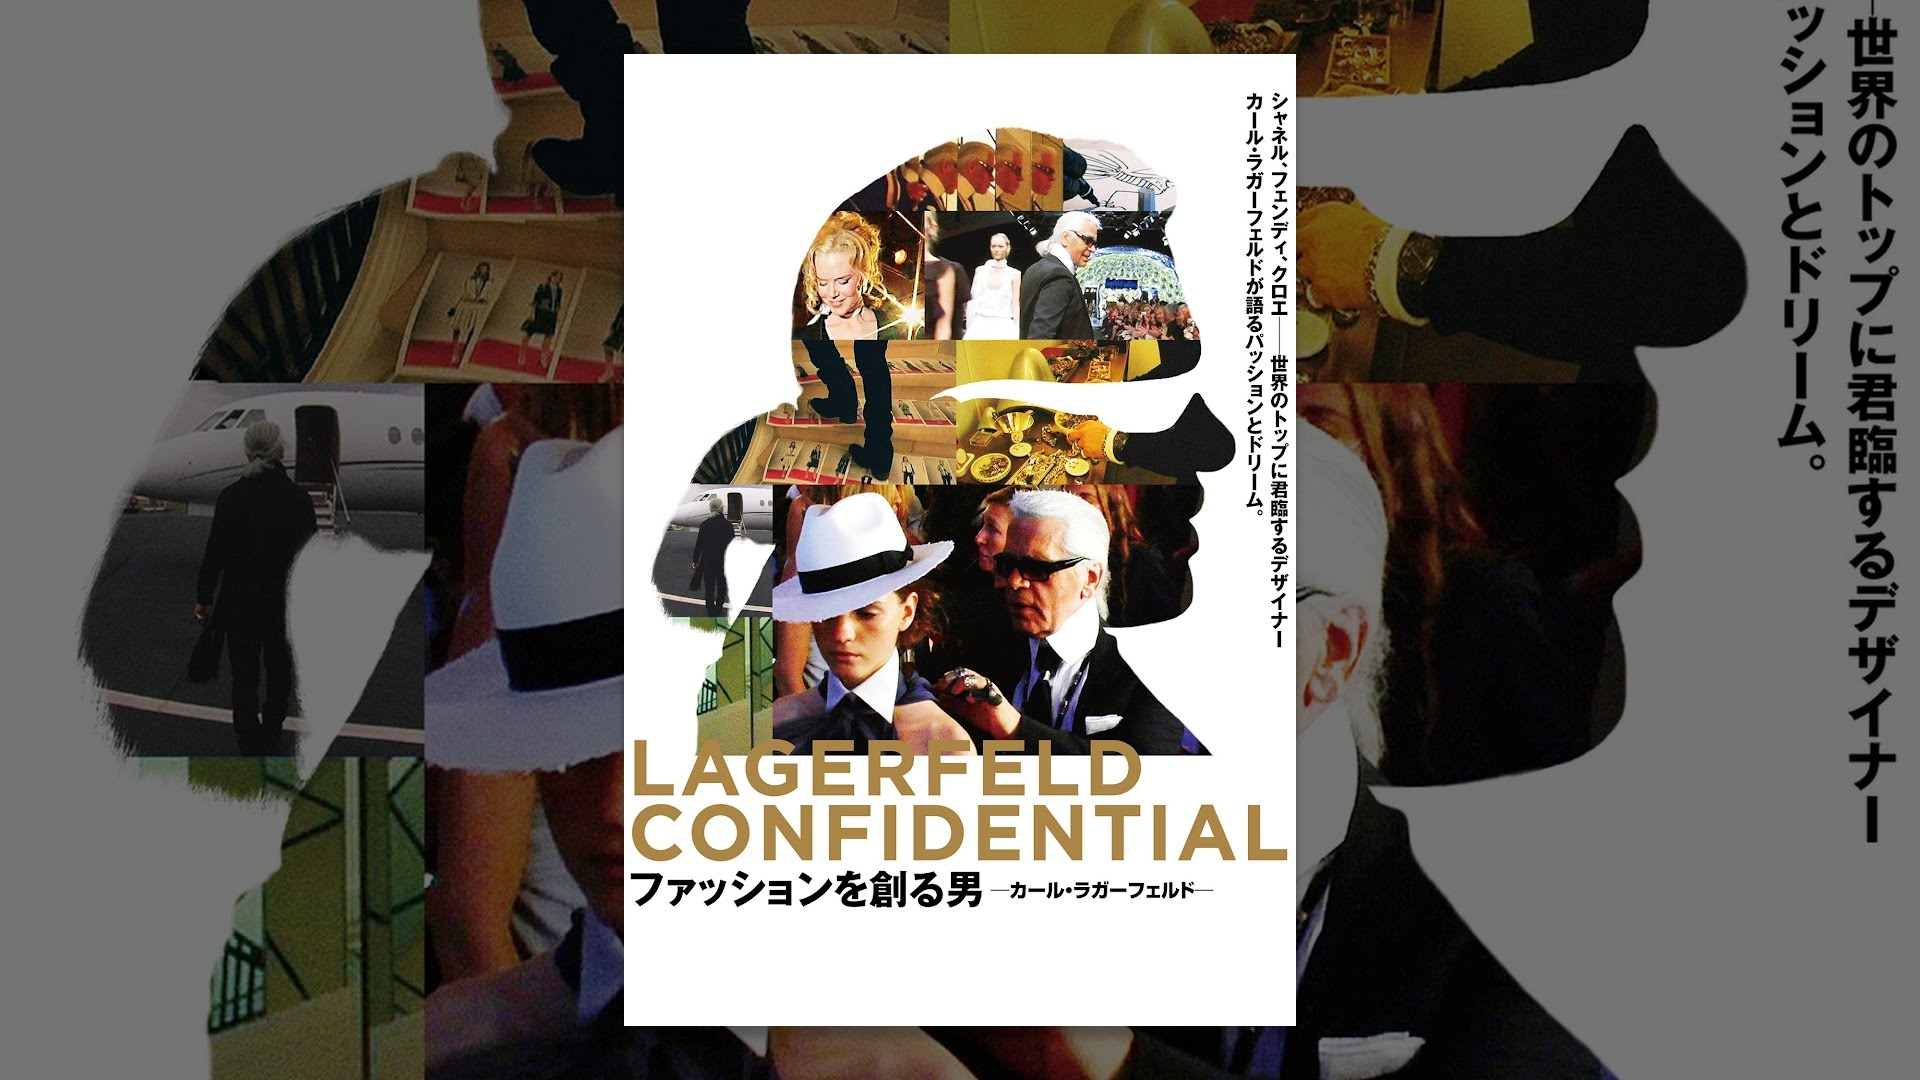 ファッション映画,メンズ,おすすめ,洋画,邦画,ファッション業界,画像